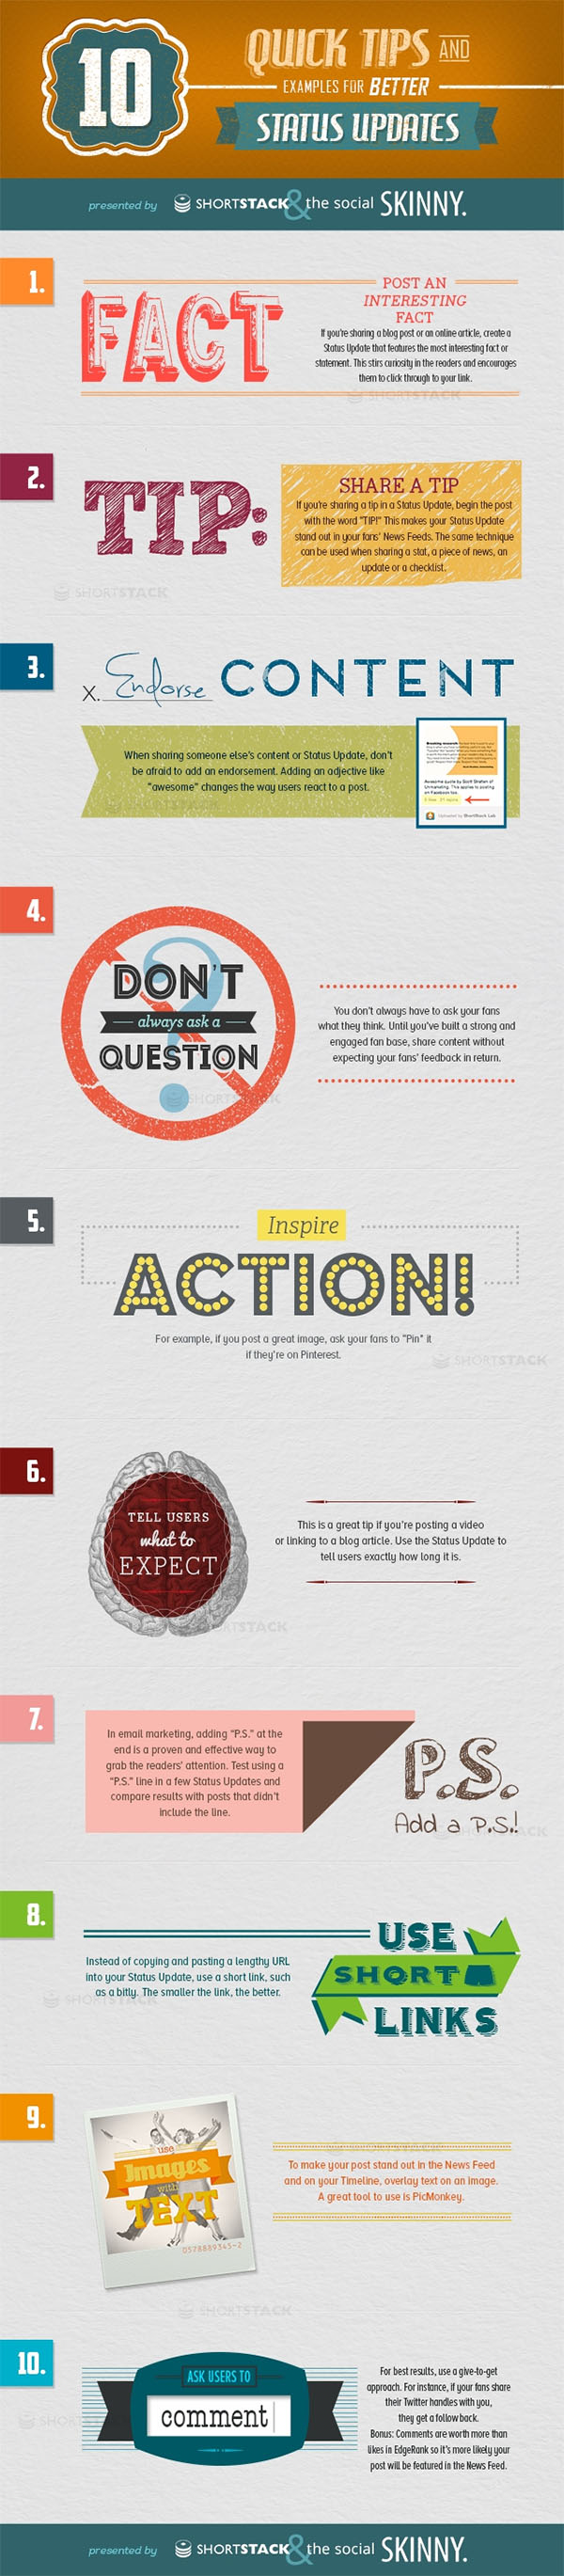 10 Tips for Better Social Media Status Updates